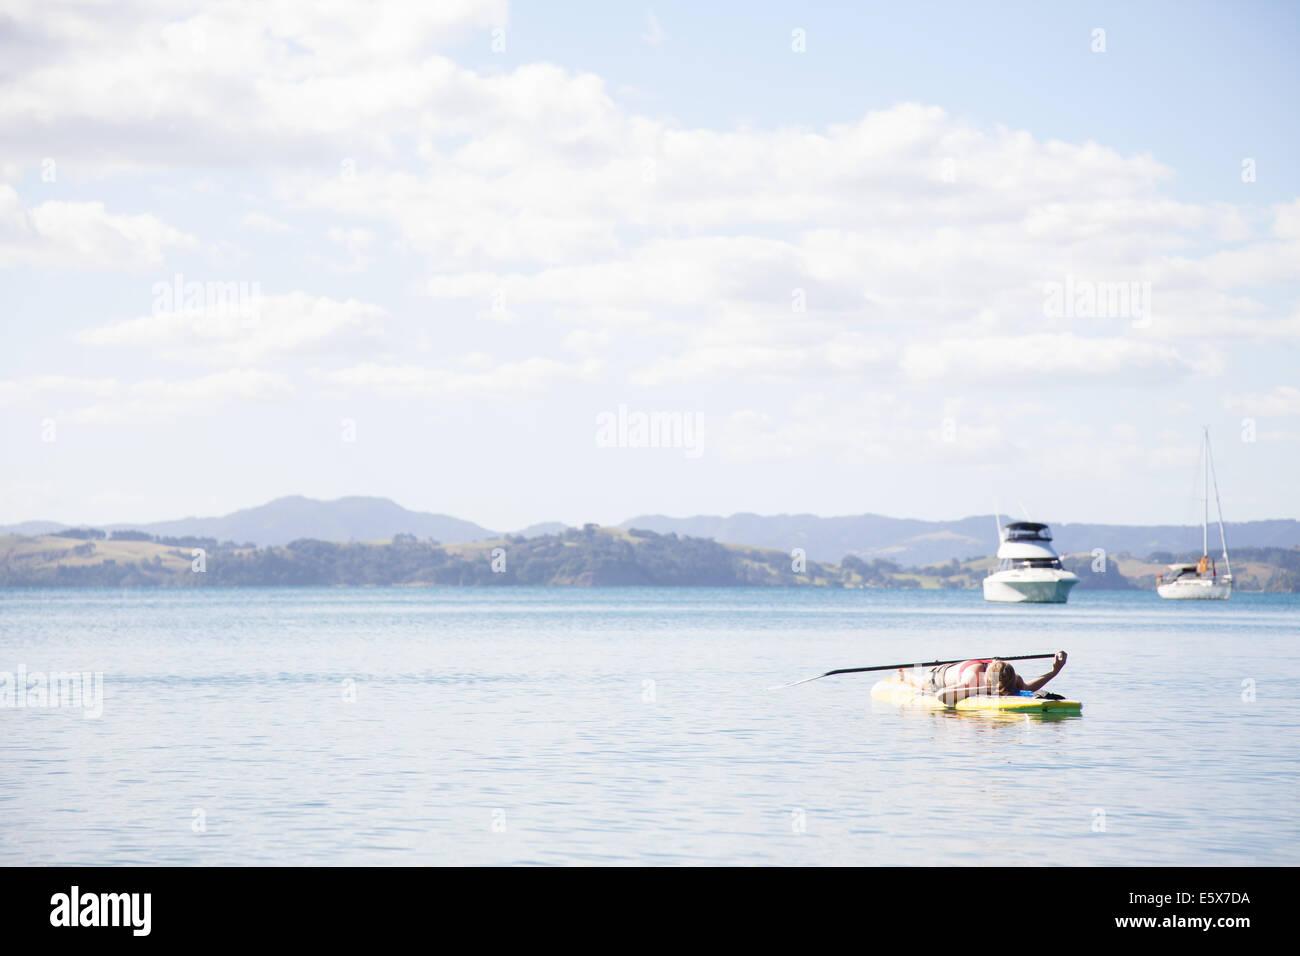 Mitte erwachsenen Frau liegt auf ihrem Rücken Paddling auf hoher See Stockbild